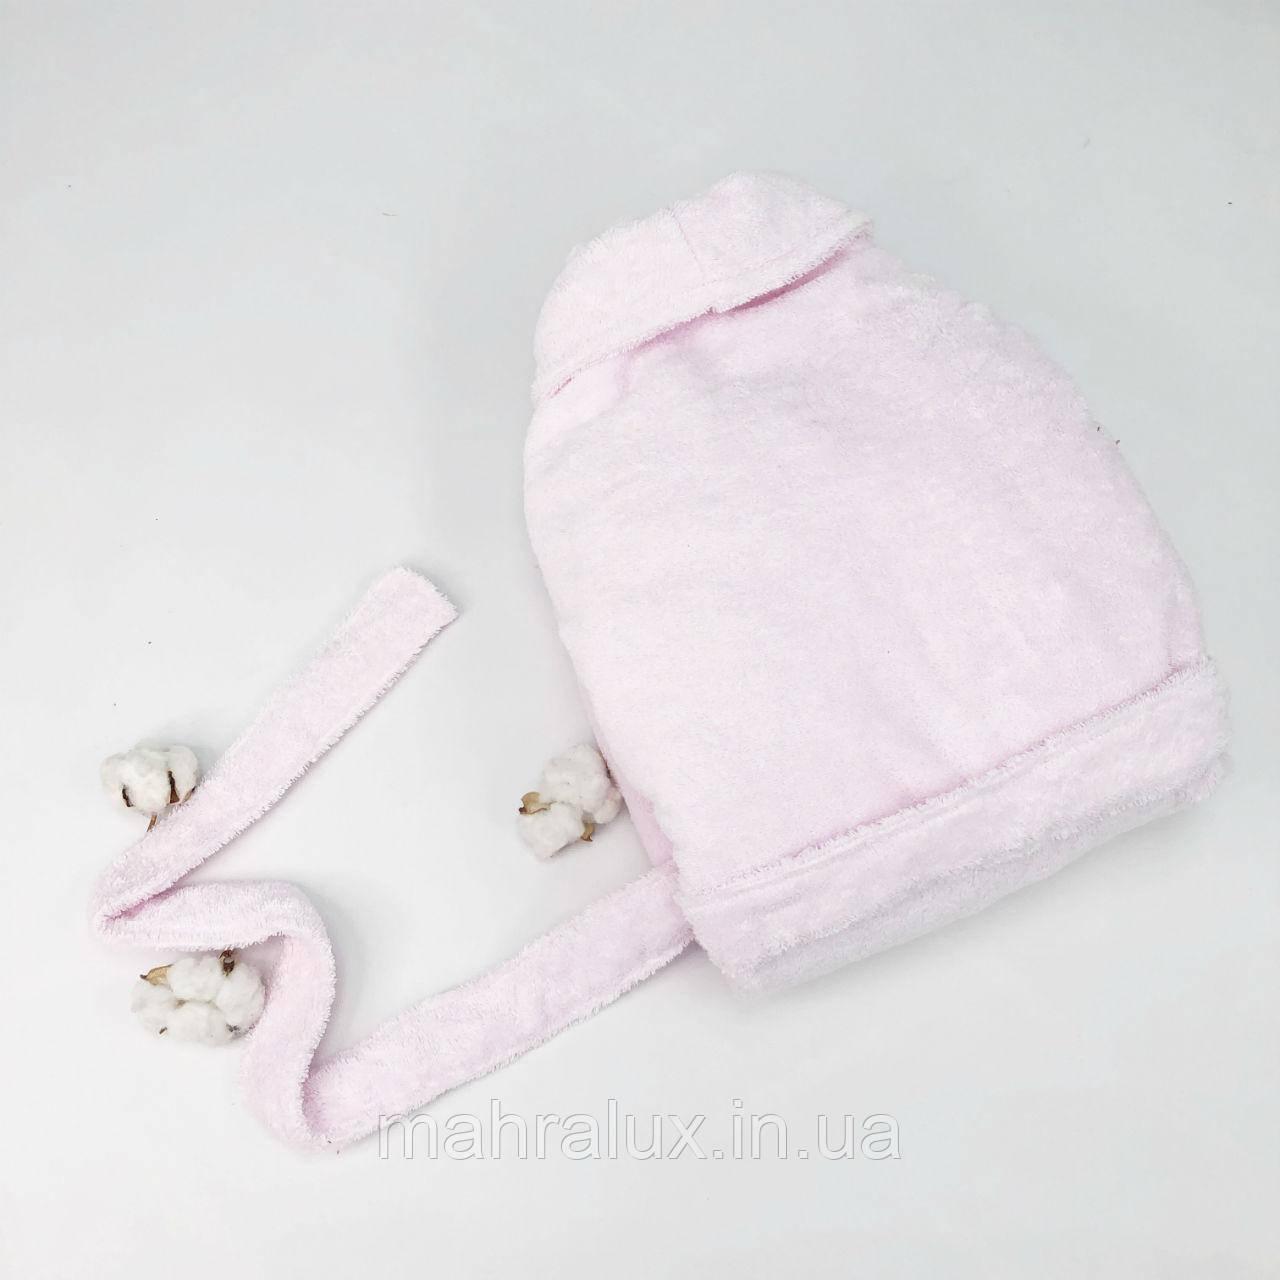 Домашний махровый халат нежно-розовый